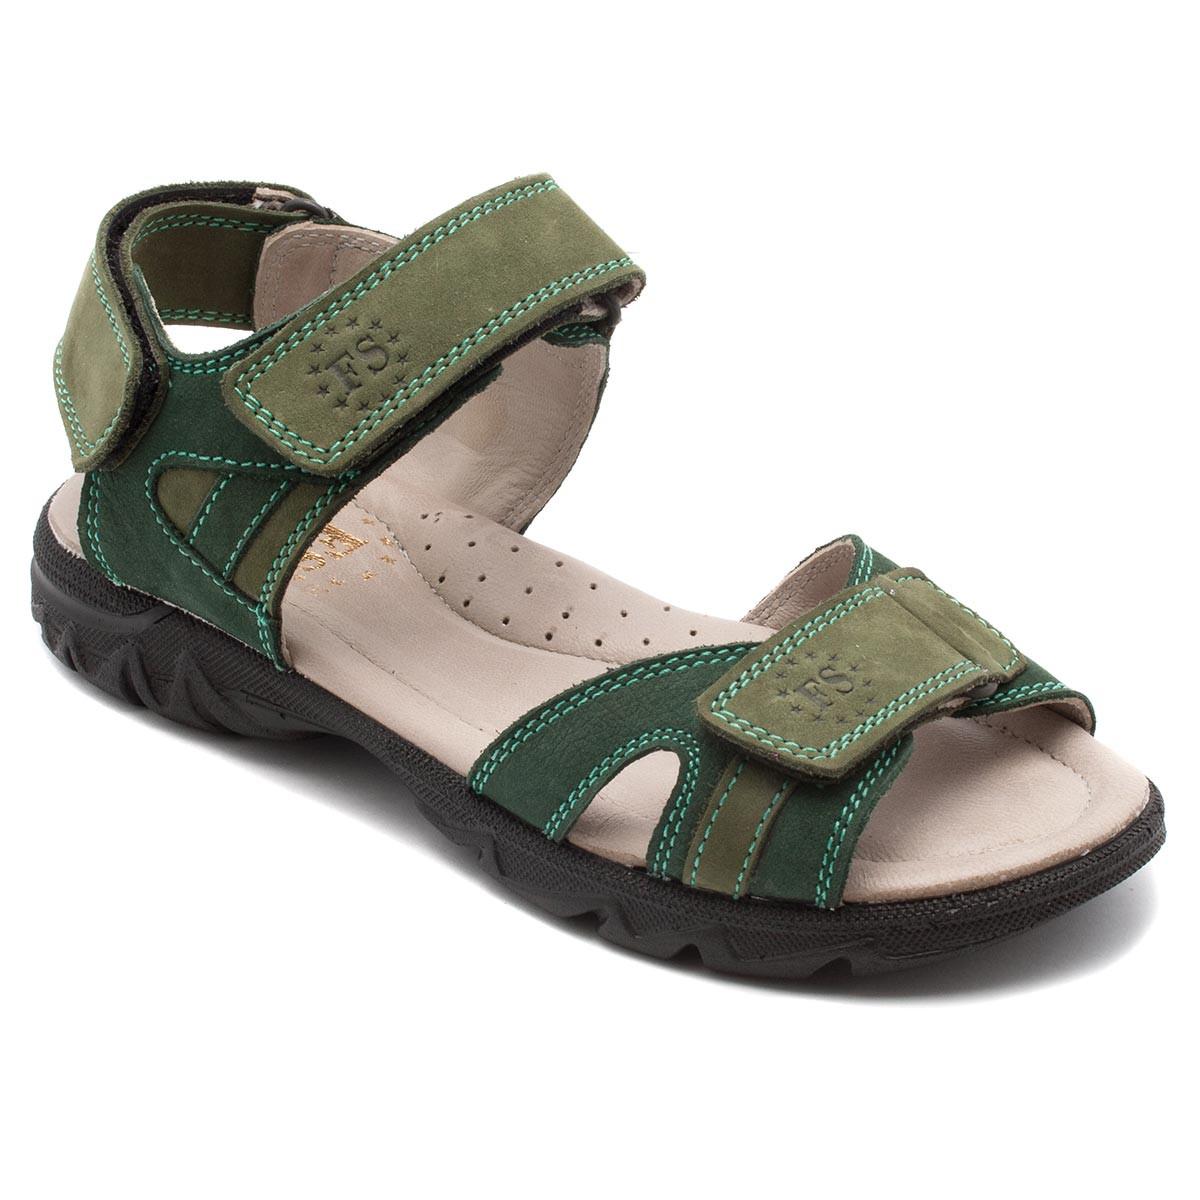 Подростковые сандалии FS Сollection для мальчика, кожаные, размер 32-39